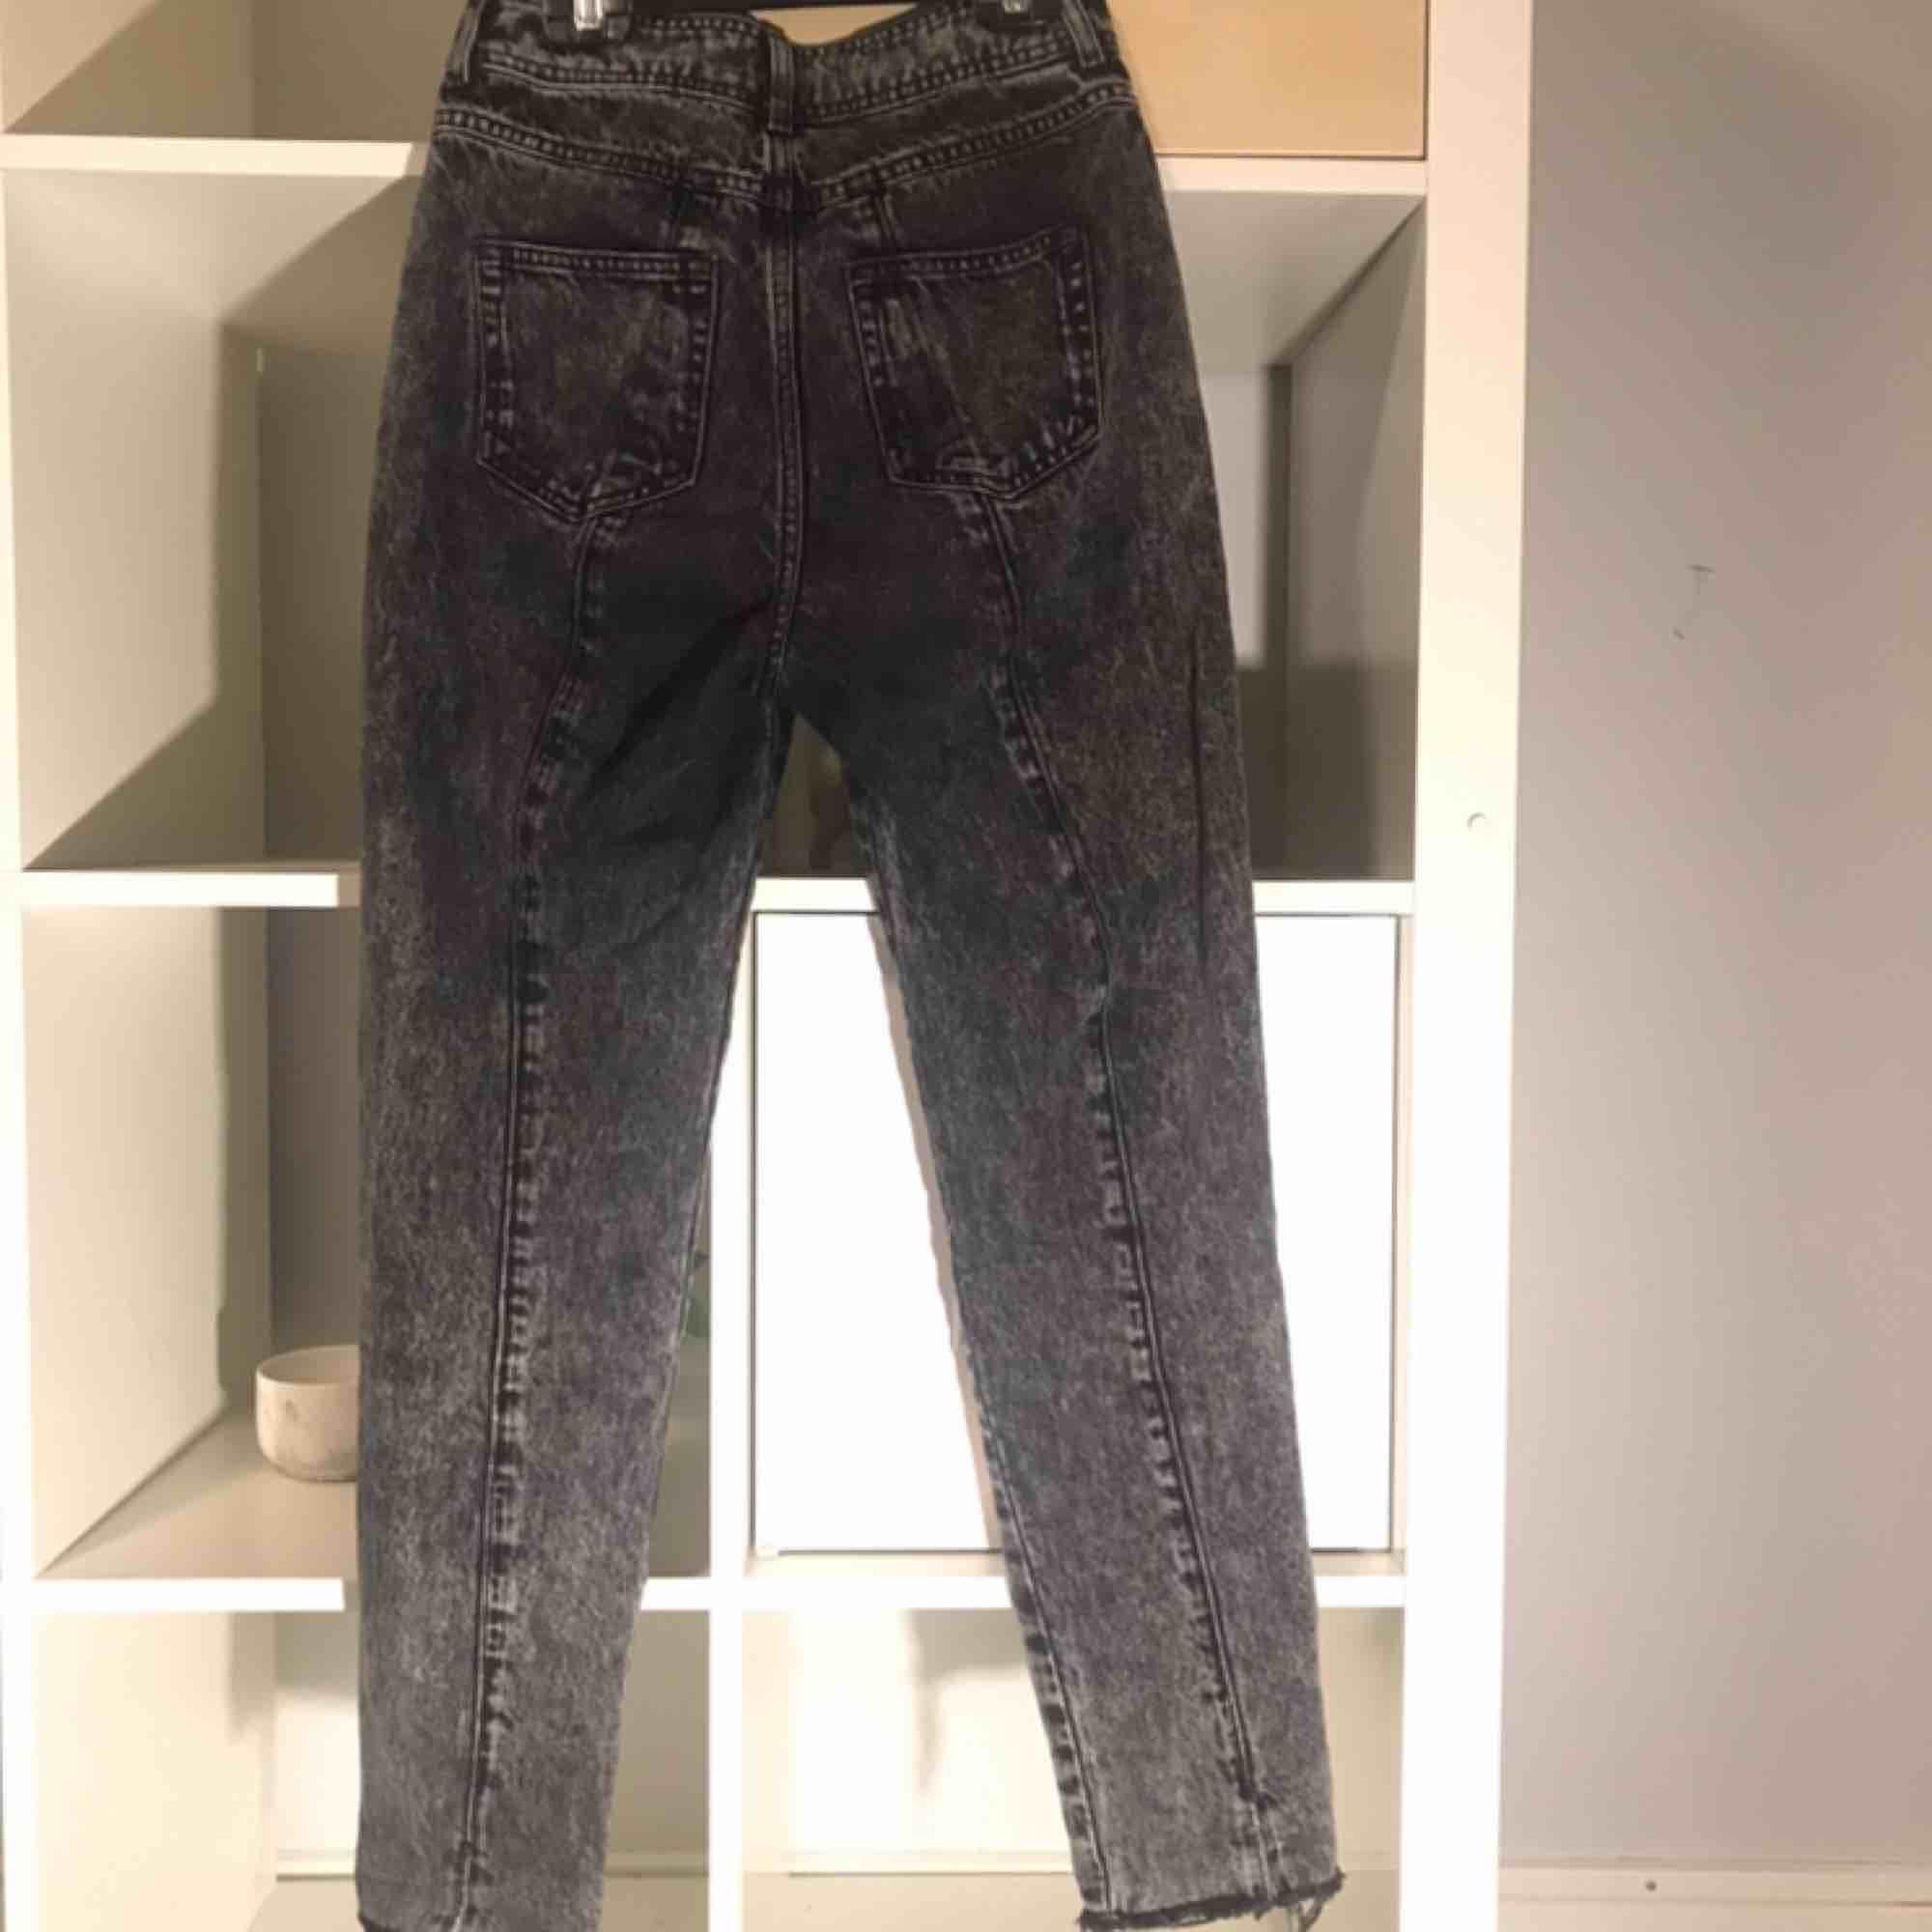 Svarta/gråa mom jeans Storlek xs från Bikbok. Ombrefärgade från svart till ljusare grå. Dekorativa sömmar längs baksidan. Normal längd för mig som är 160 cm. Väldigt bra skick då jag inte haft dom så länge. Köparen står för frakt. Jeans & Byxor.